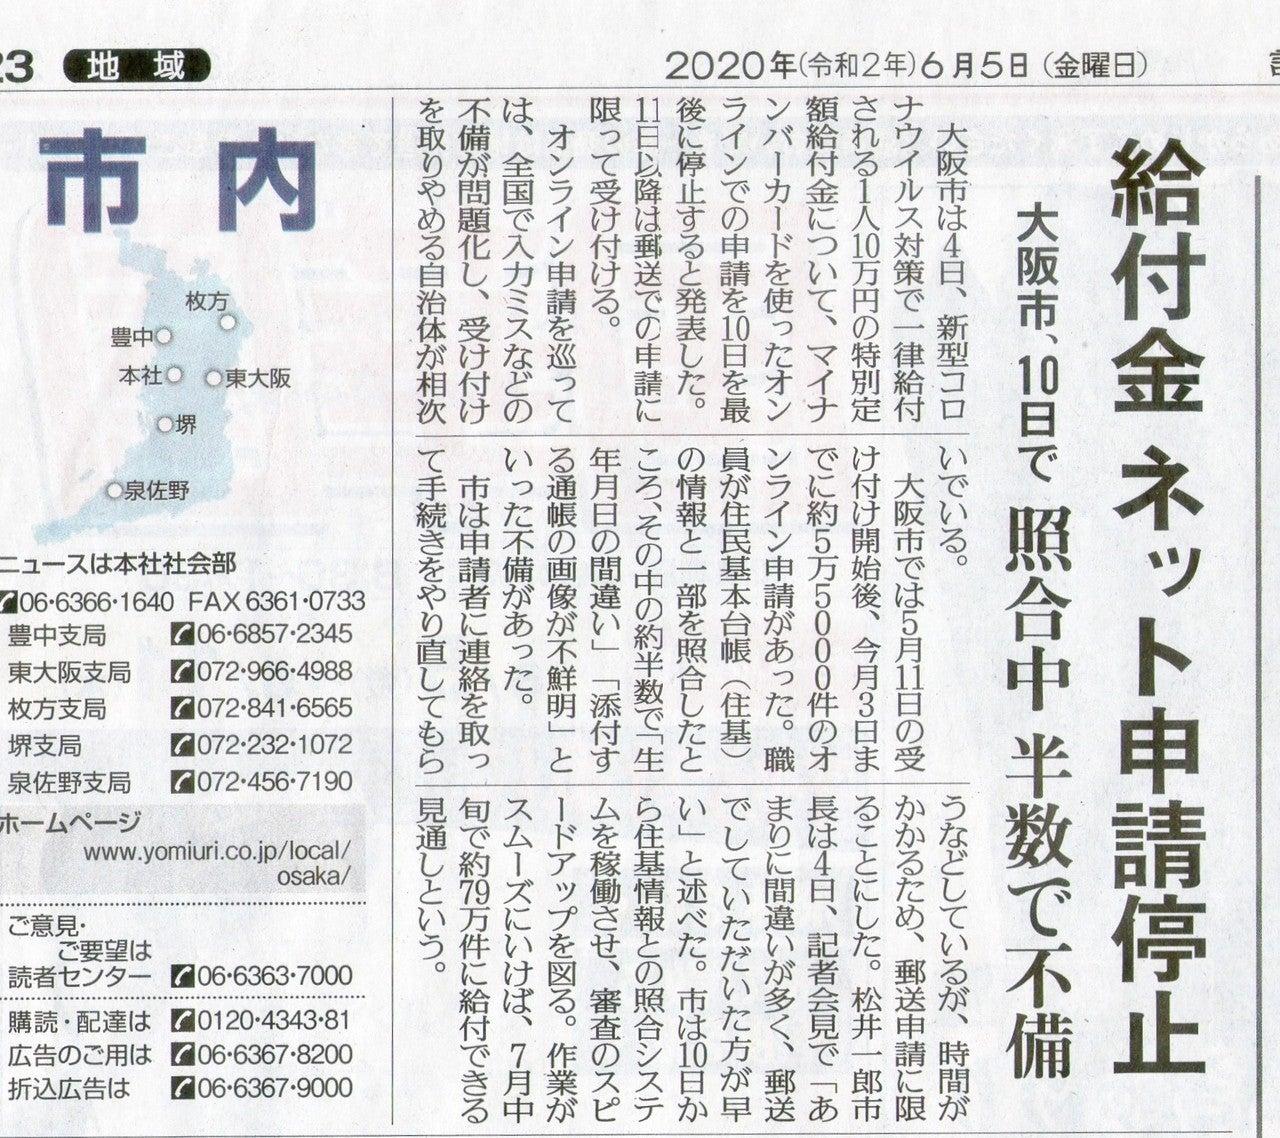 金 万 大阪 給付 10 市